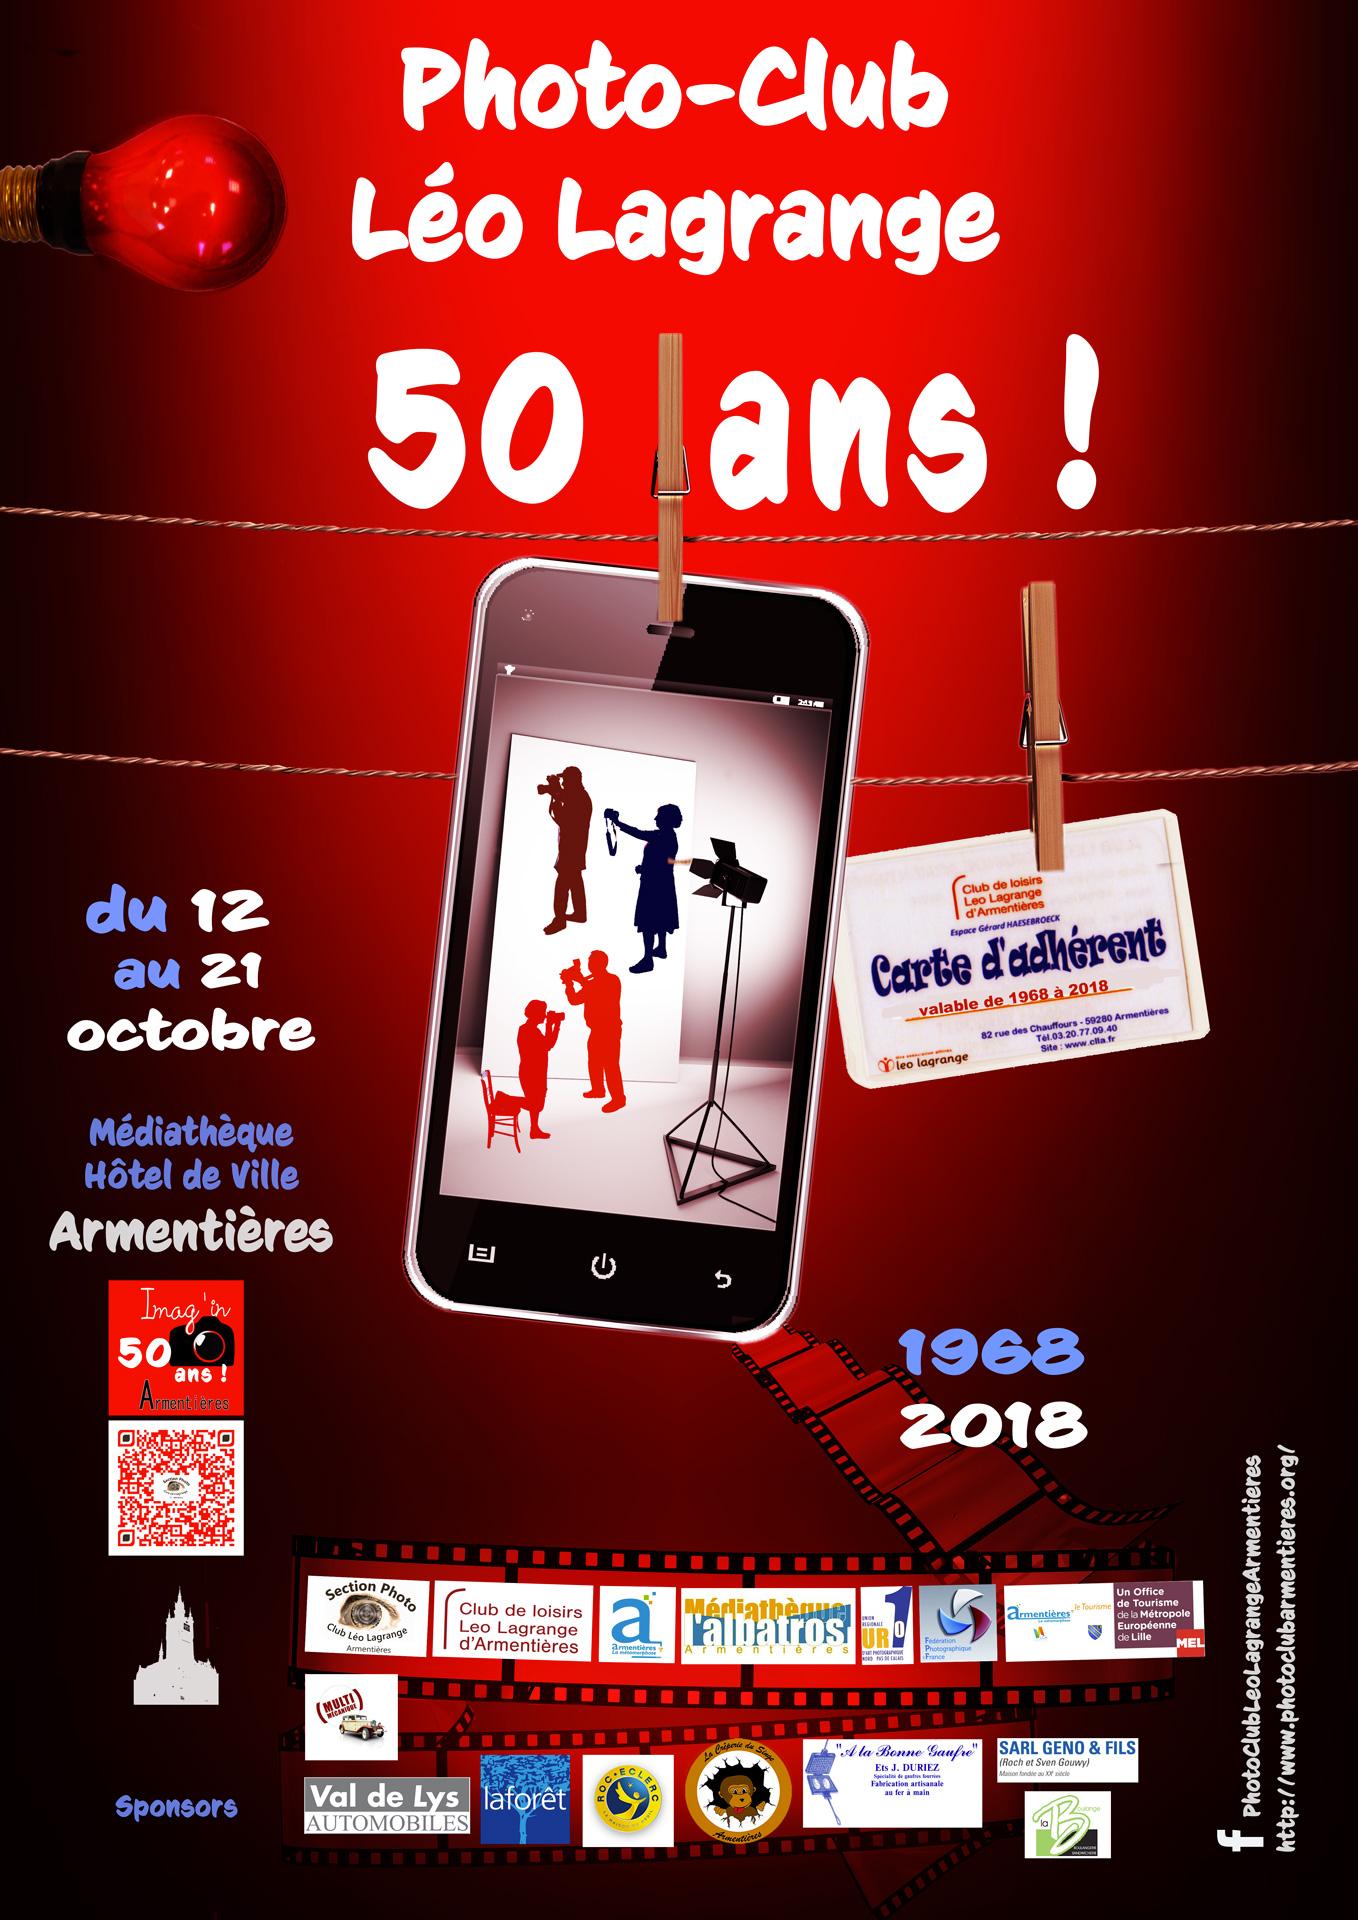 Affiches-50-ans-web-1920-1358pxAffiches-50-ans-web-1920-1358px